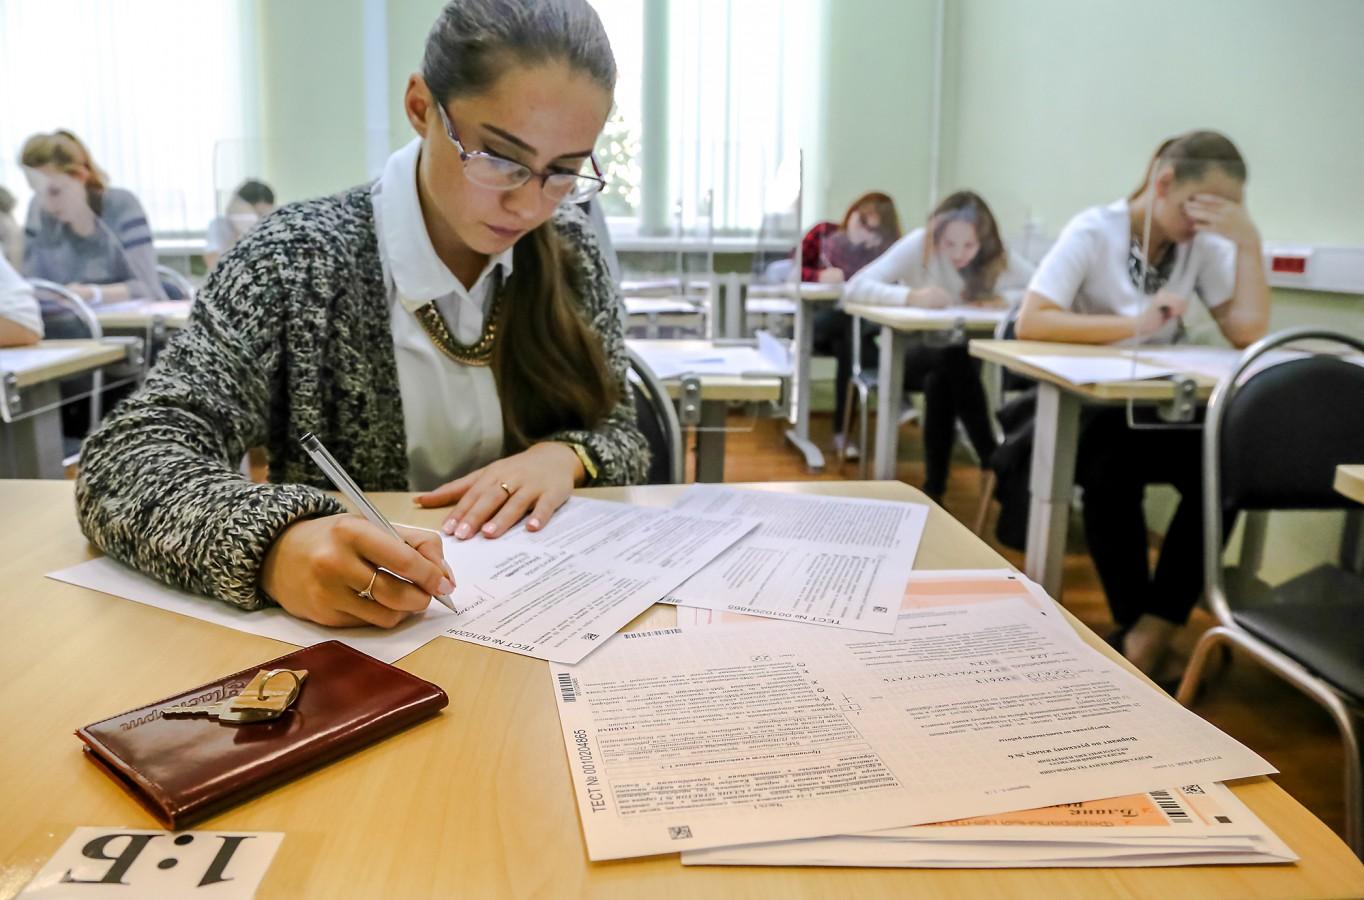 КС обязал предоставлять место в обычной школе не попавшим в профильные классы ученикам